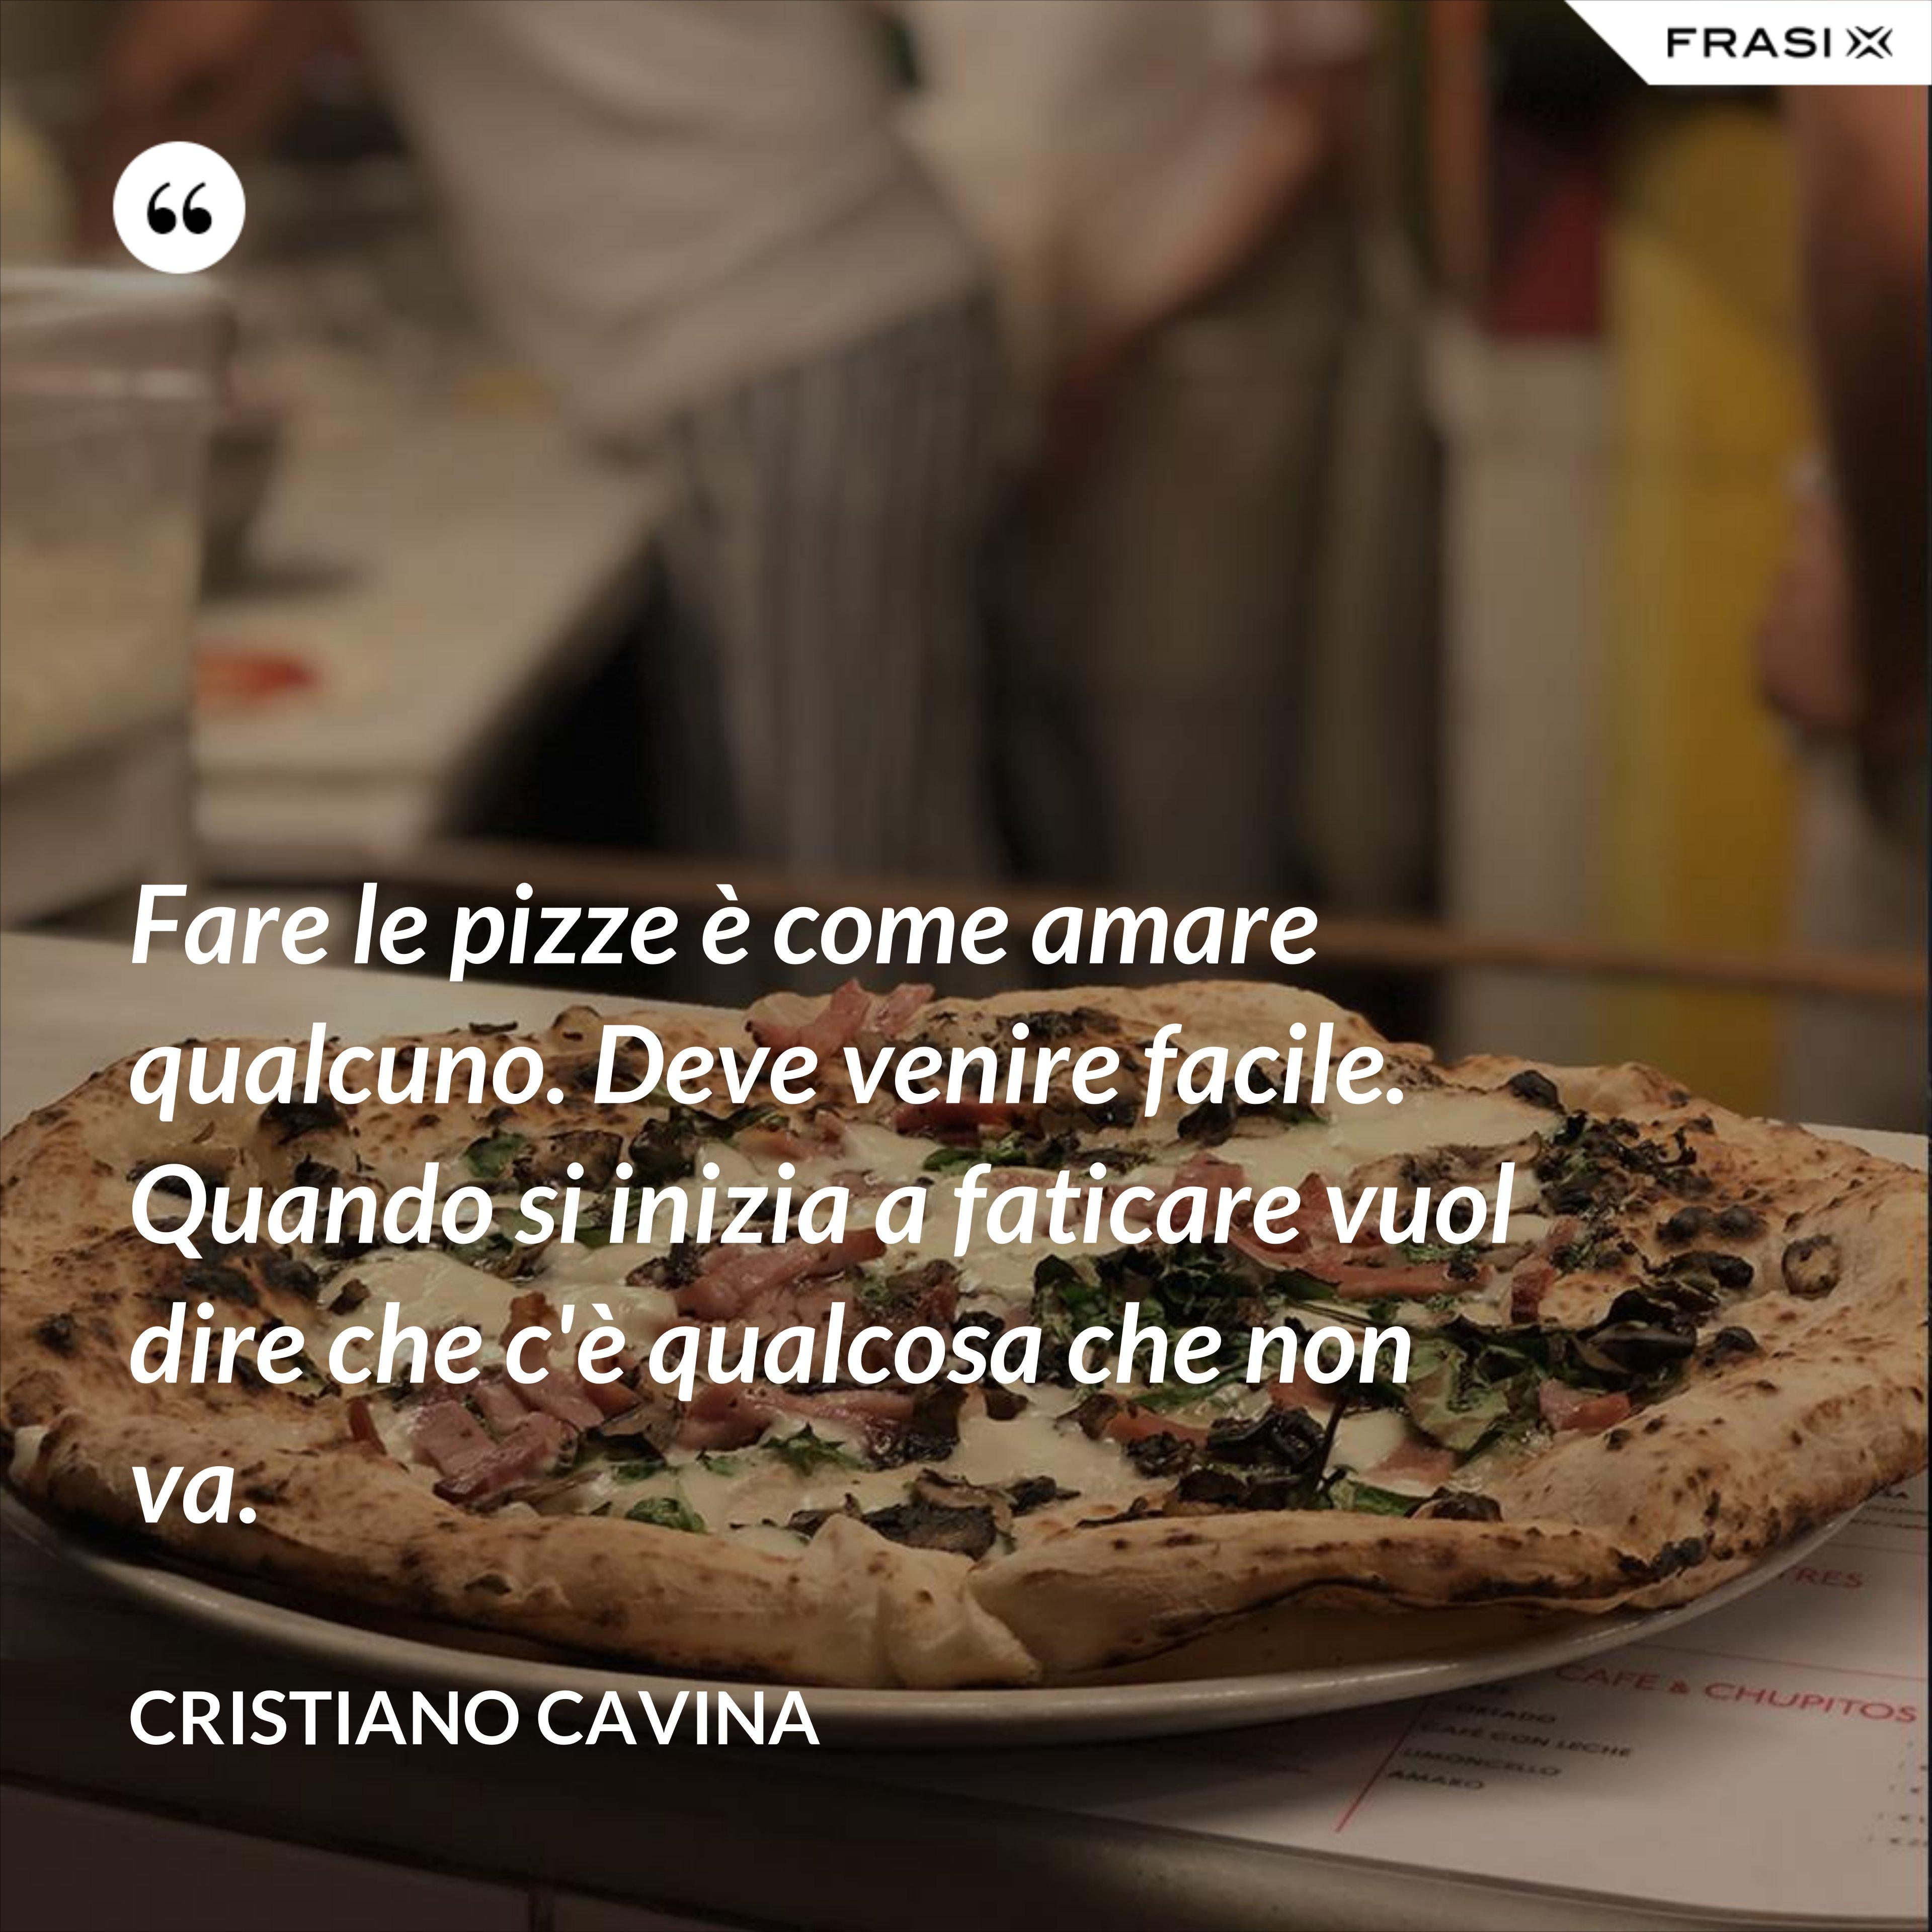 Fare le pizze è come amare qualcuno. Deve venire facile. Quando si inizia a faticare vuol dire che c'è qualcosa che non va. - Cristiano Cavina